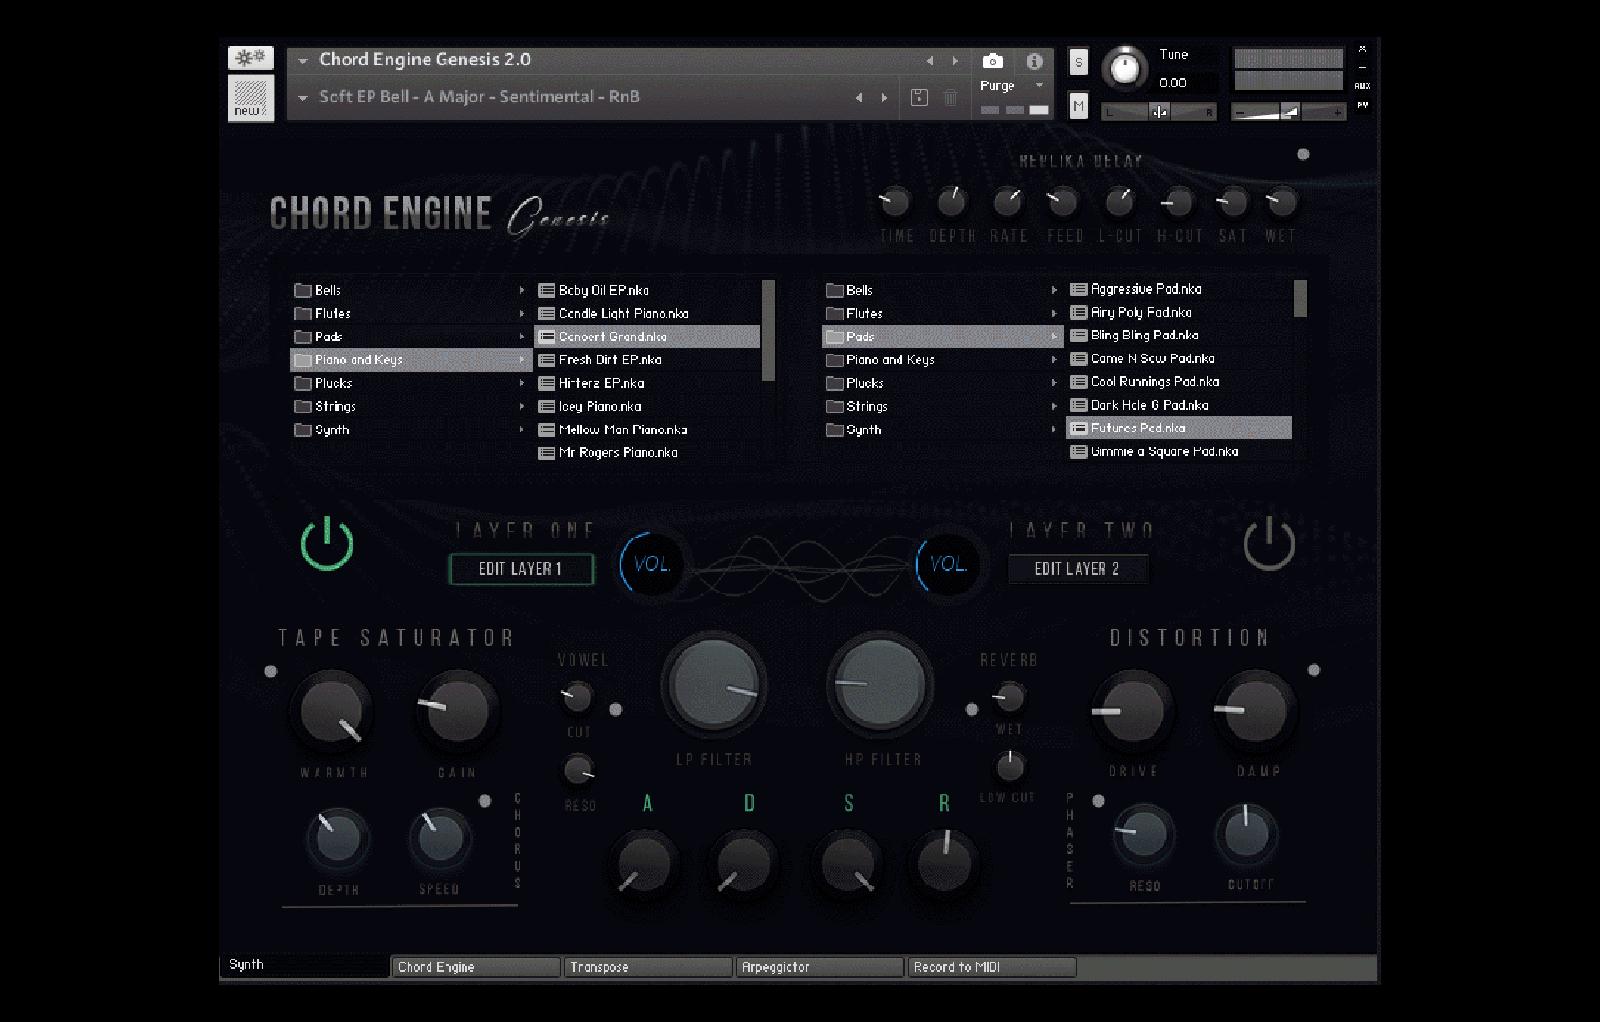 Chord Engine Genesis 2 0